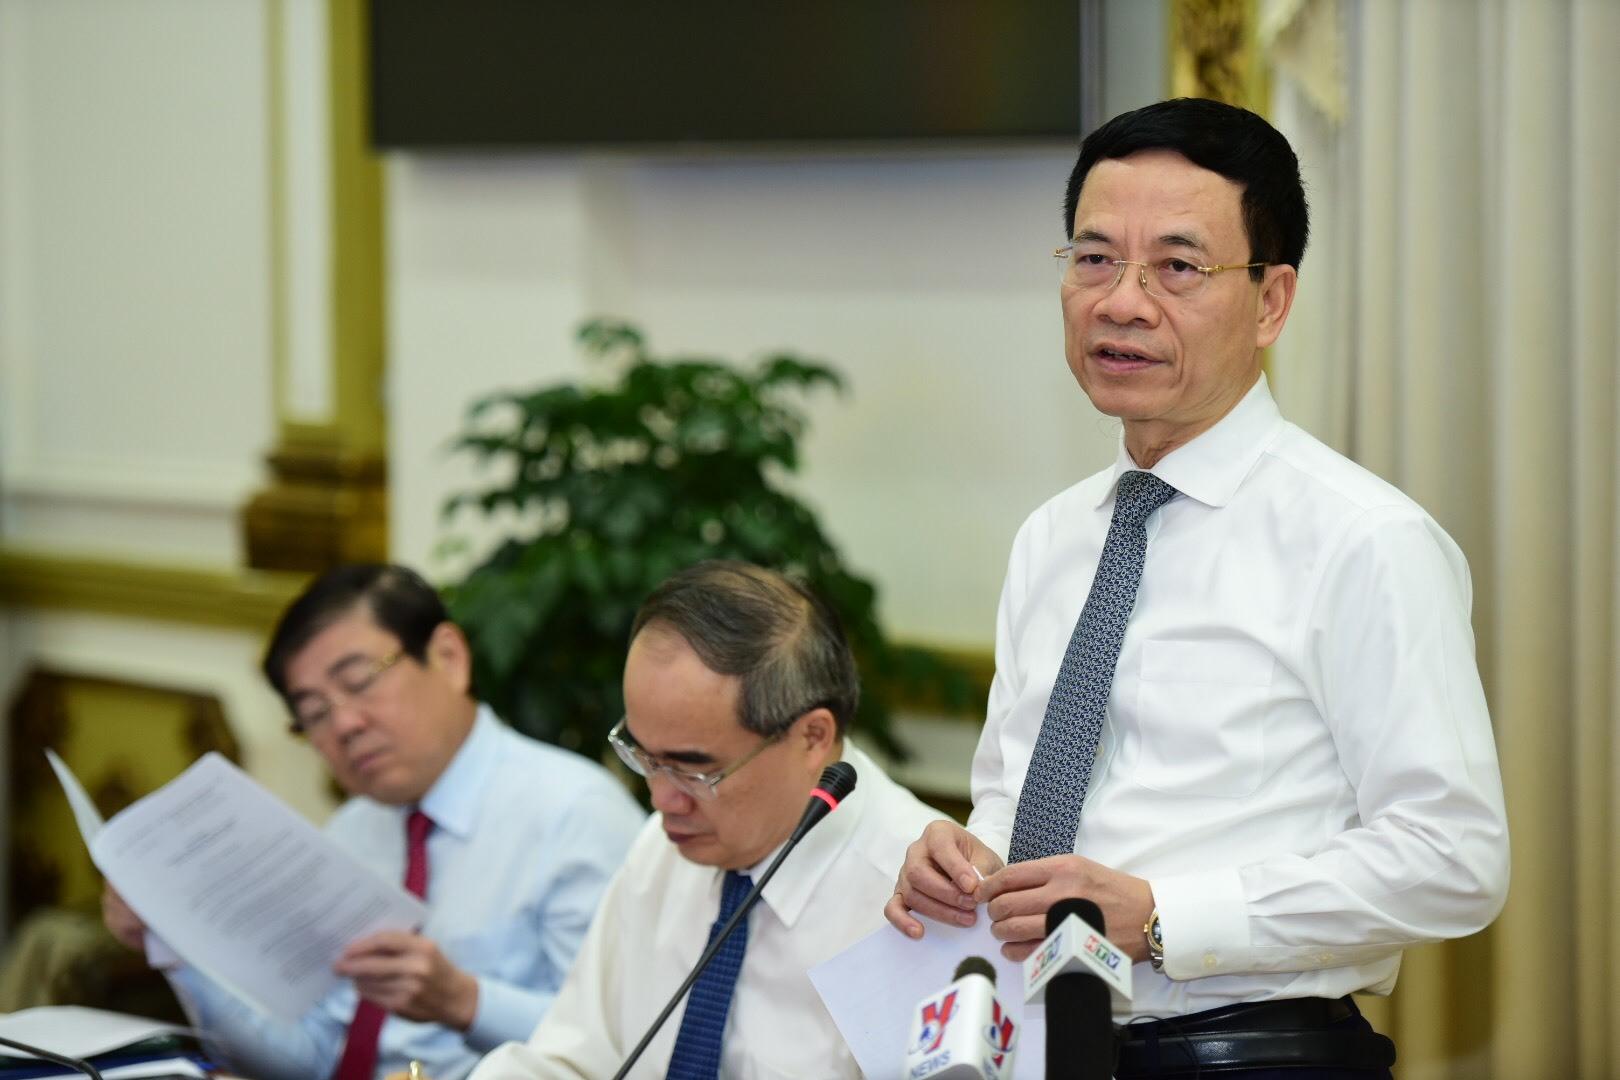 Toàn văn phát biểu của Bộ trưởng Nguyễn Mạnh Hùng tại lễ công bố Chương trình Chuyển đổi số của TP.HCM